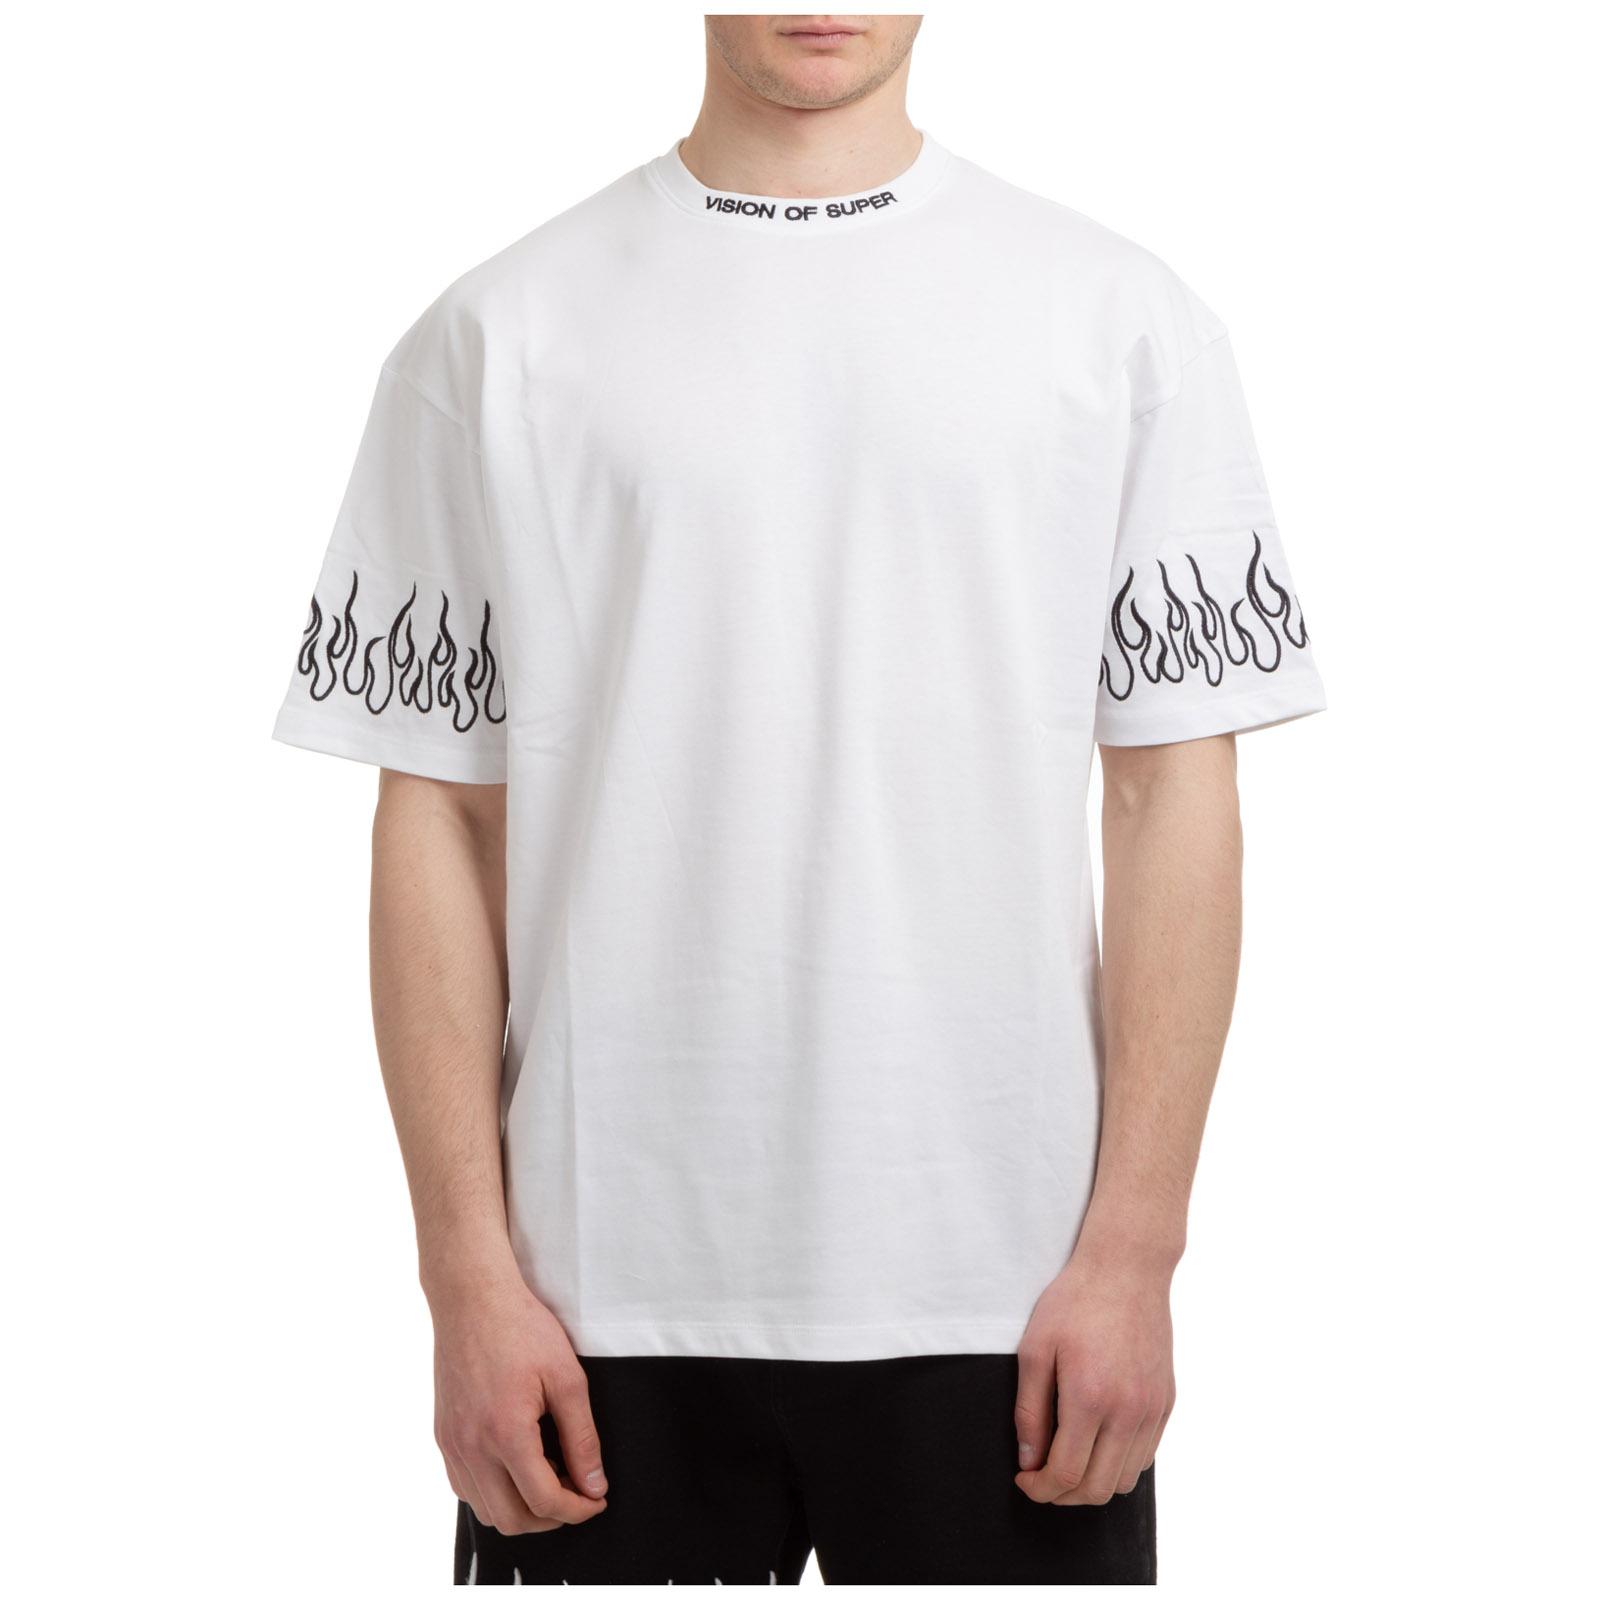 T-shirt maglia maniche corte girocollo uomo flames